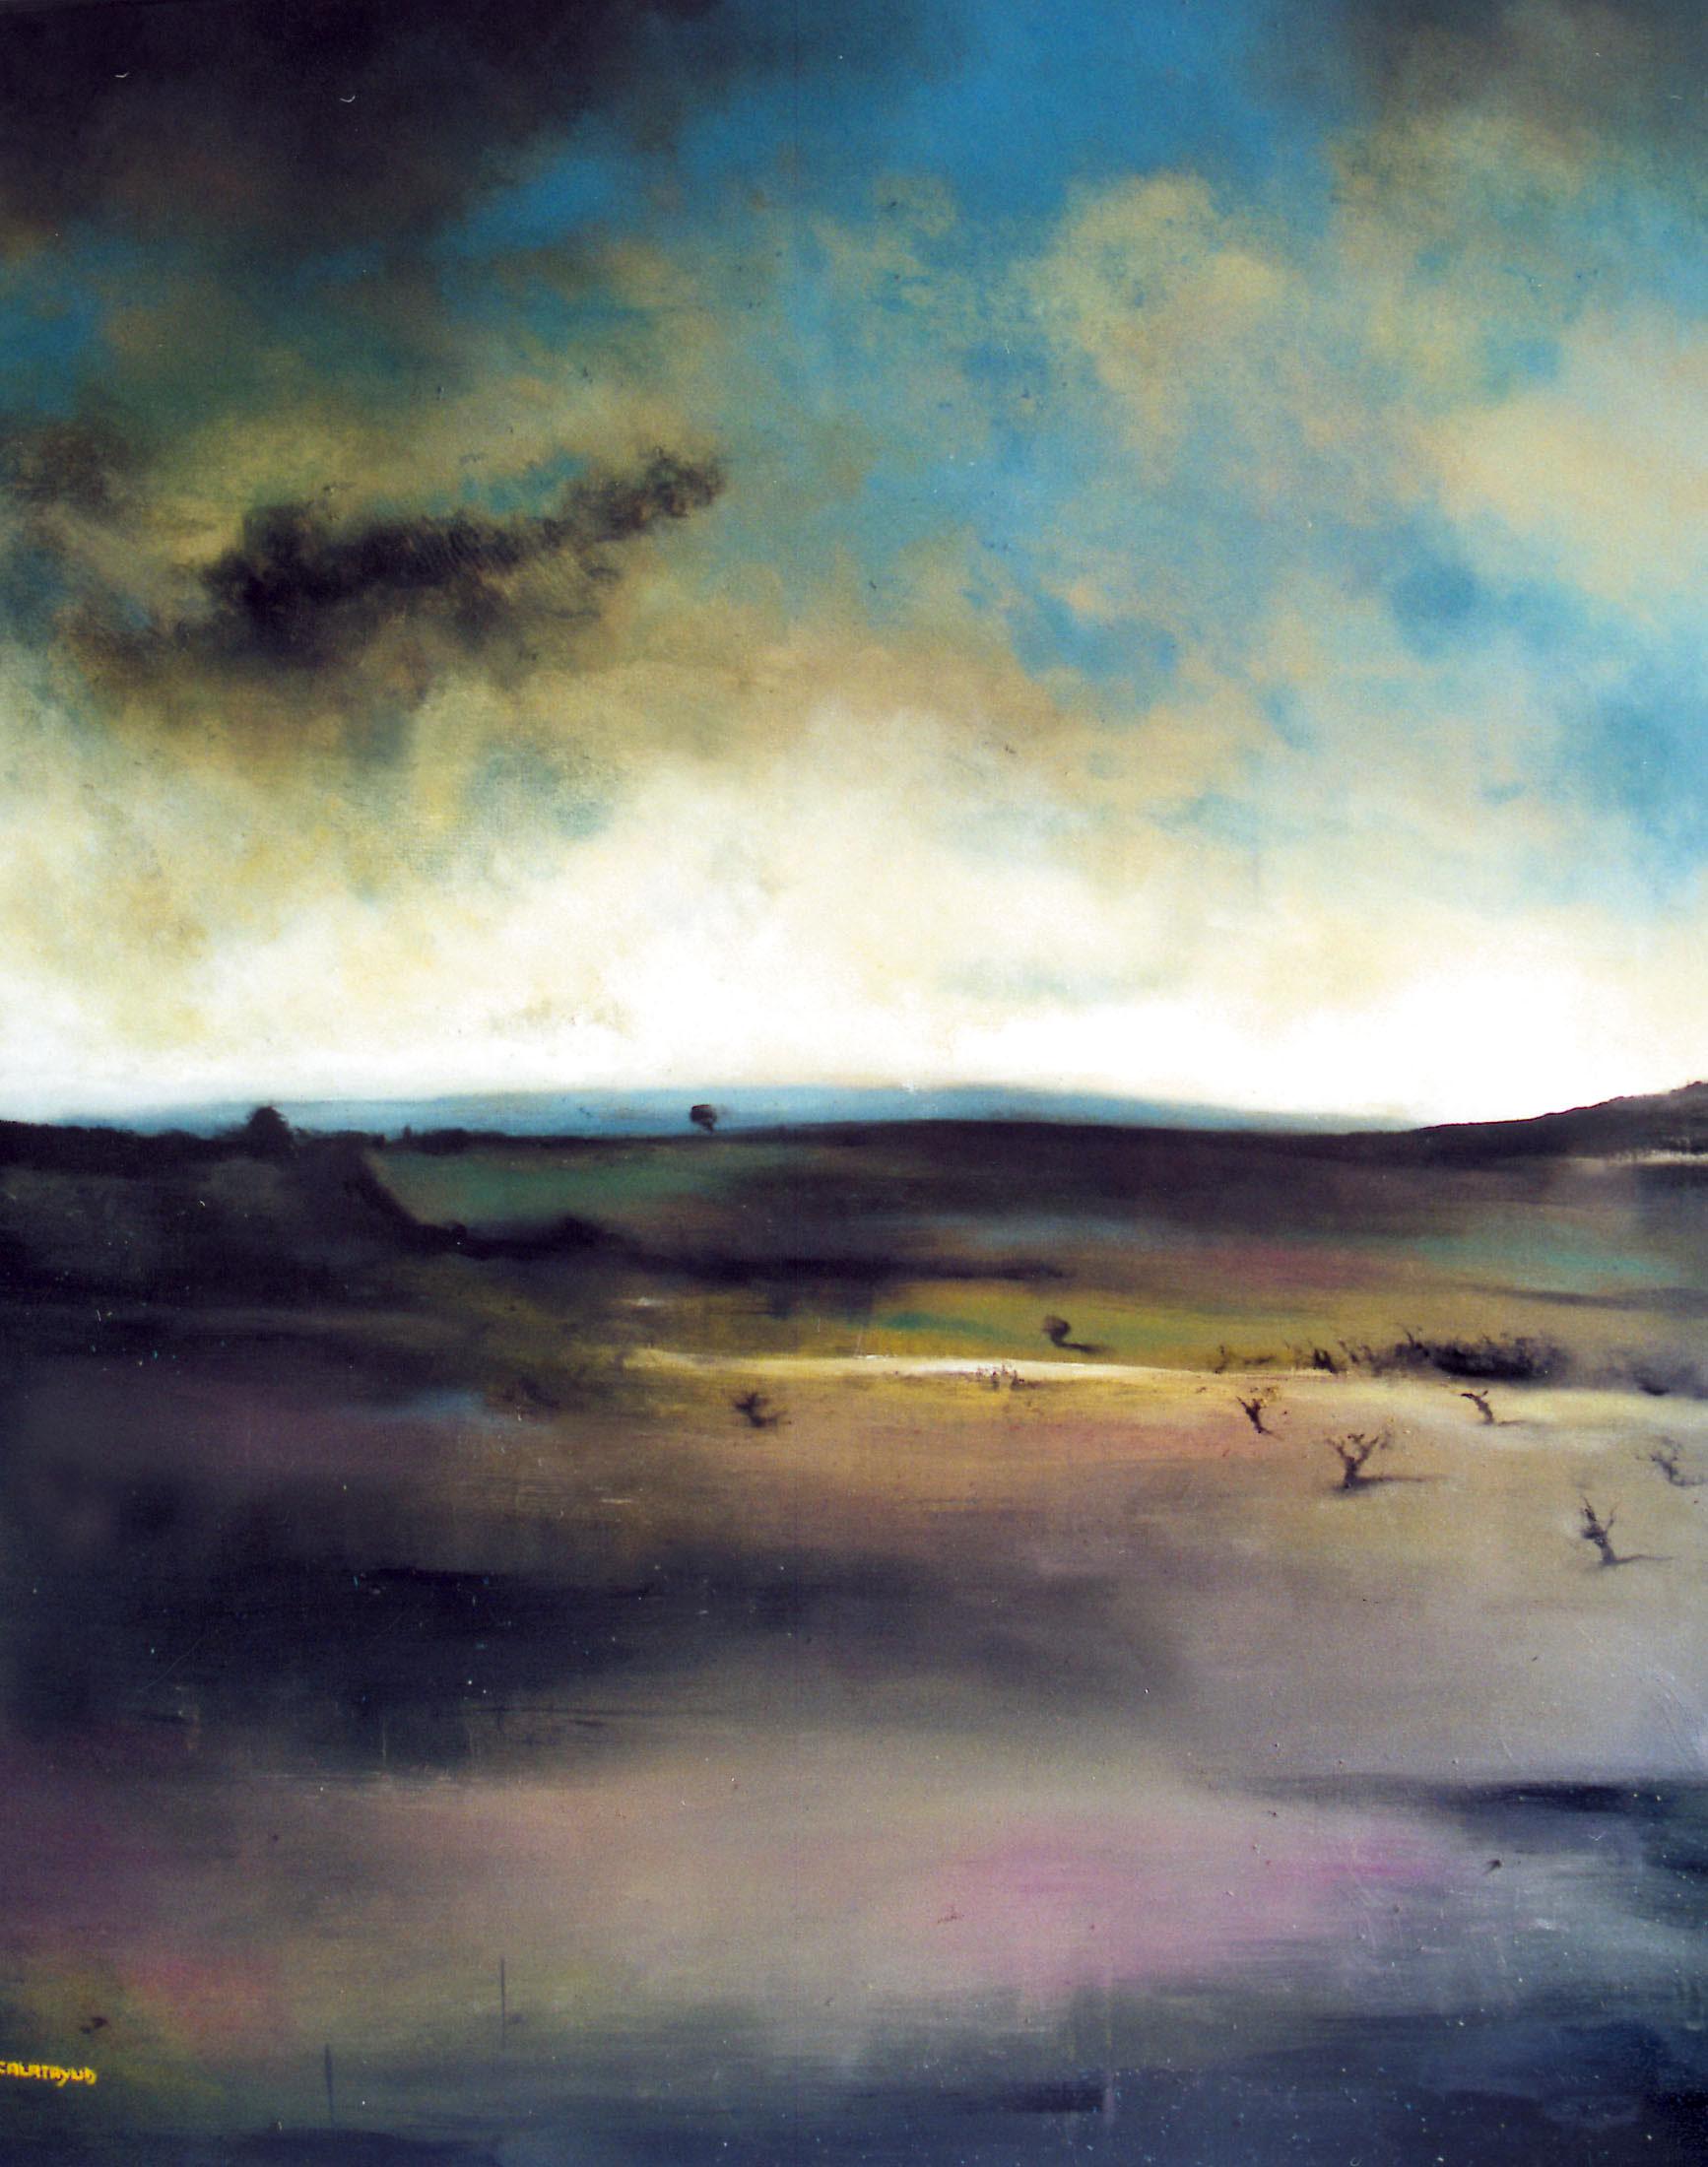 Site Des Artistes Peintres art today - website ivan calatayud, painter - oil painting